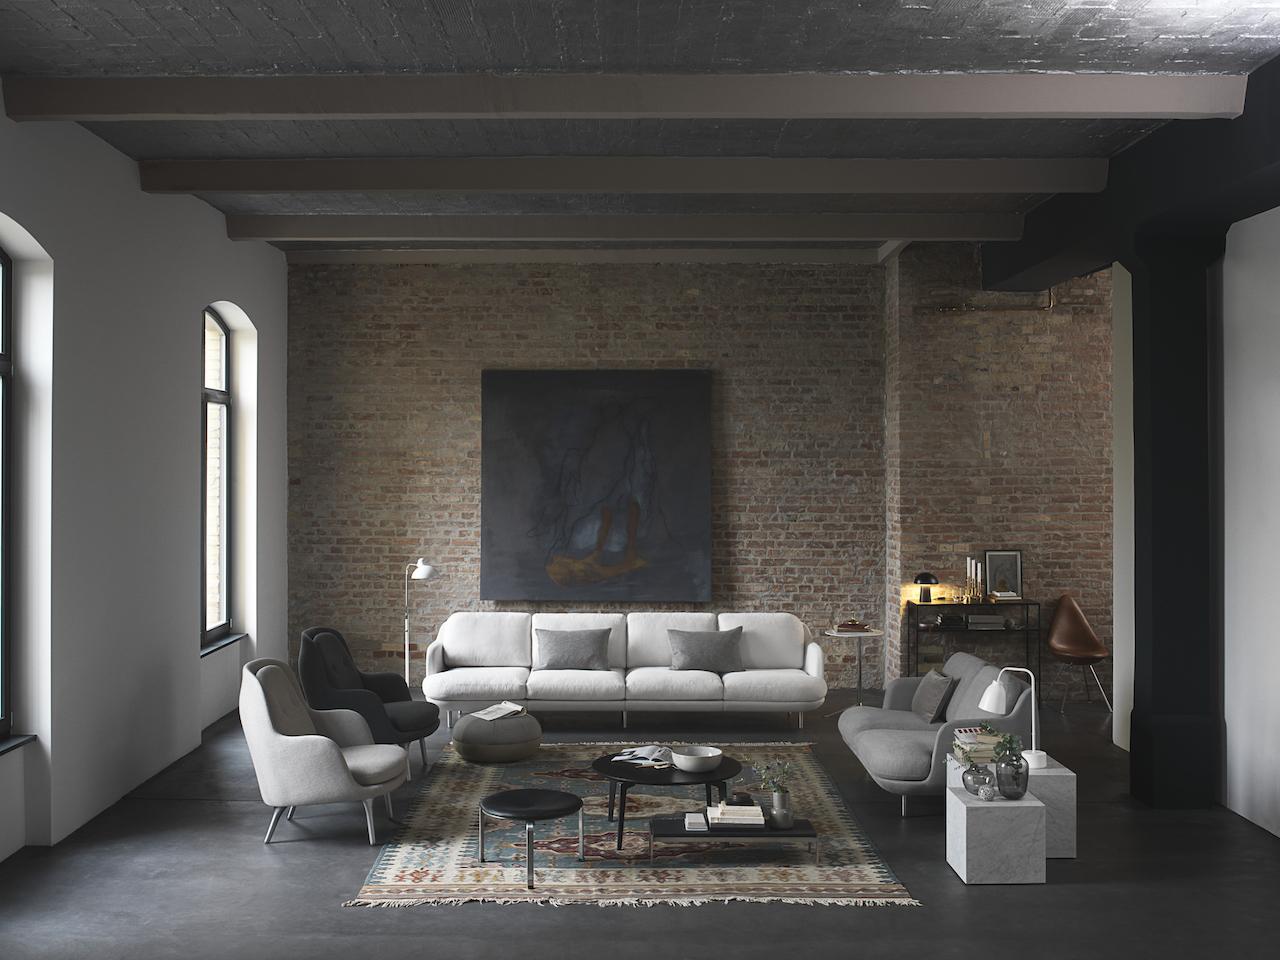 Divano In Lino Opinioni : Lune il divano per gli amanti del design danese design street